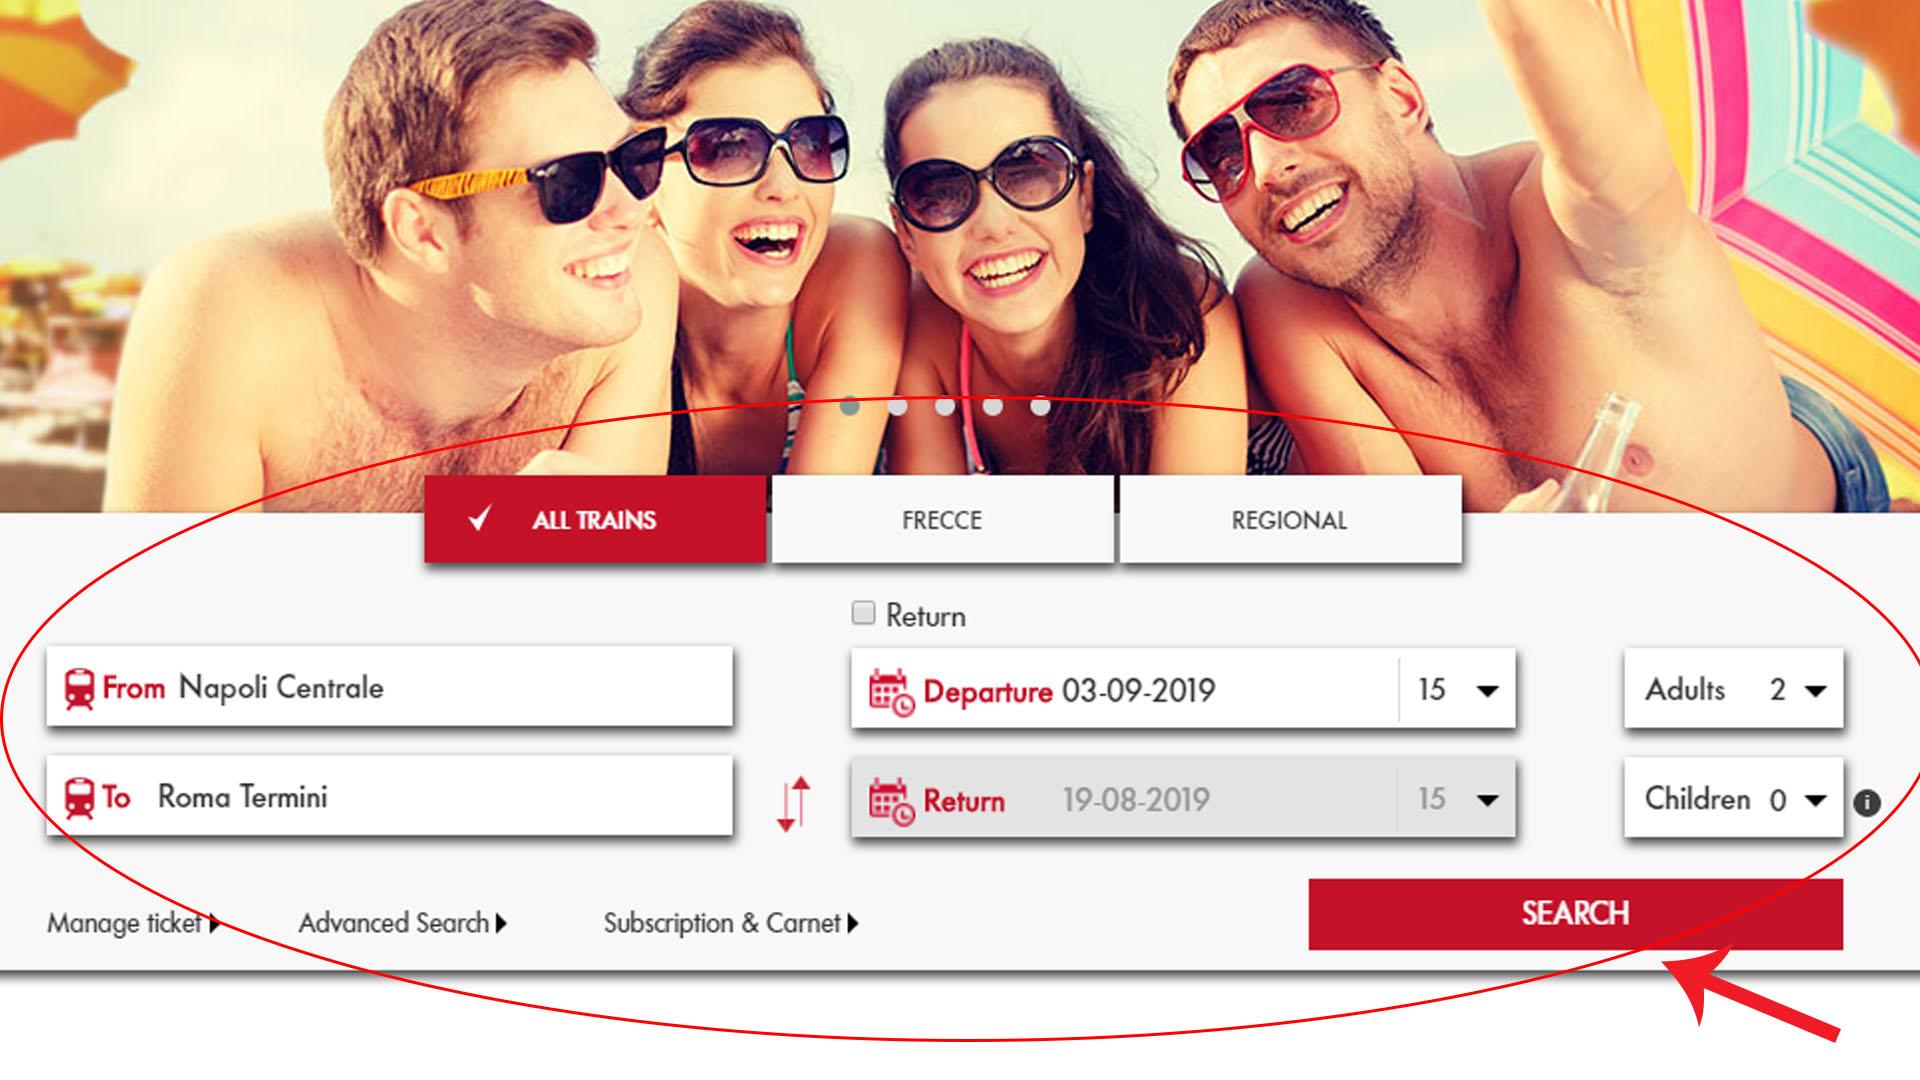 Как купить билет на поезд на сайте Trenitalia